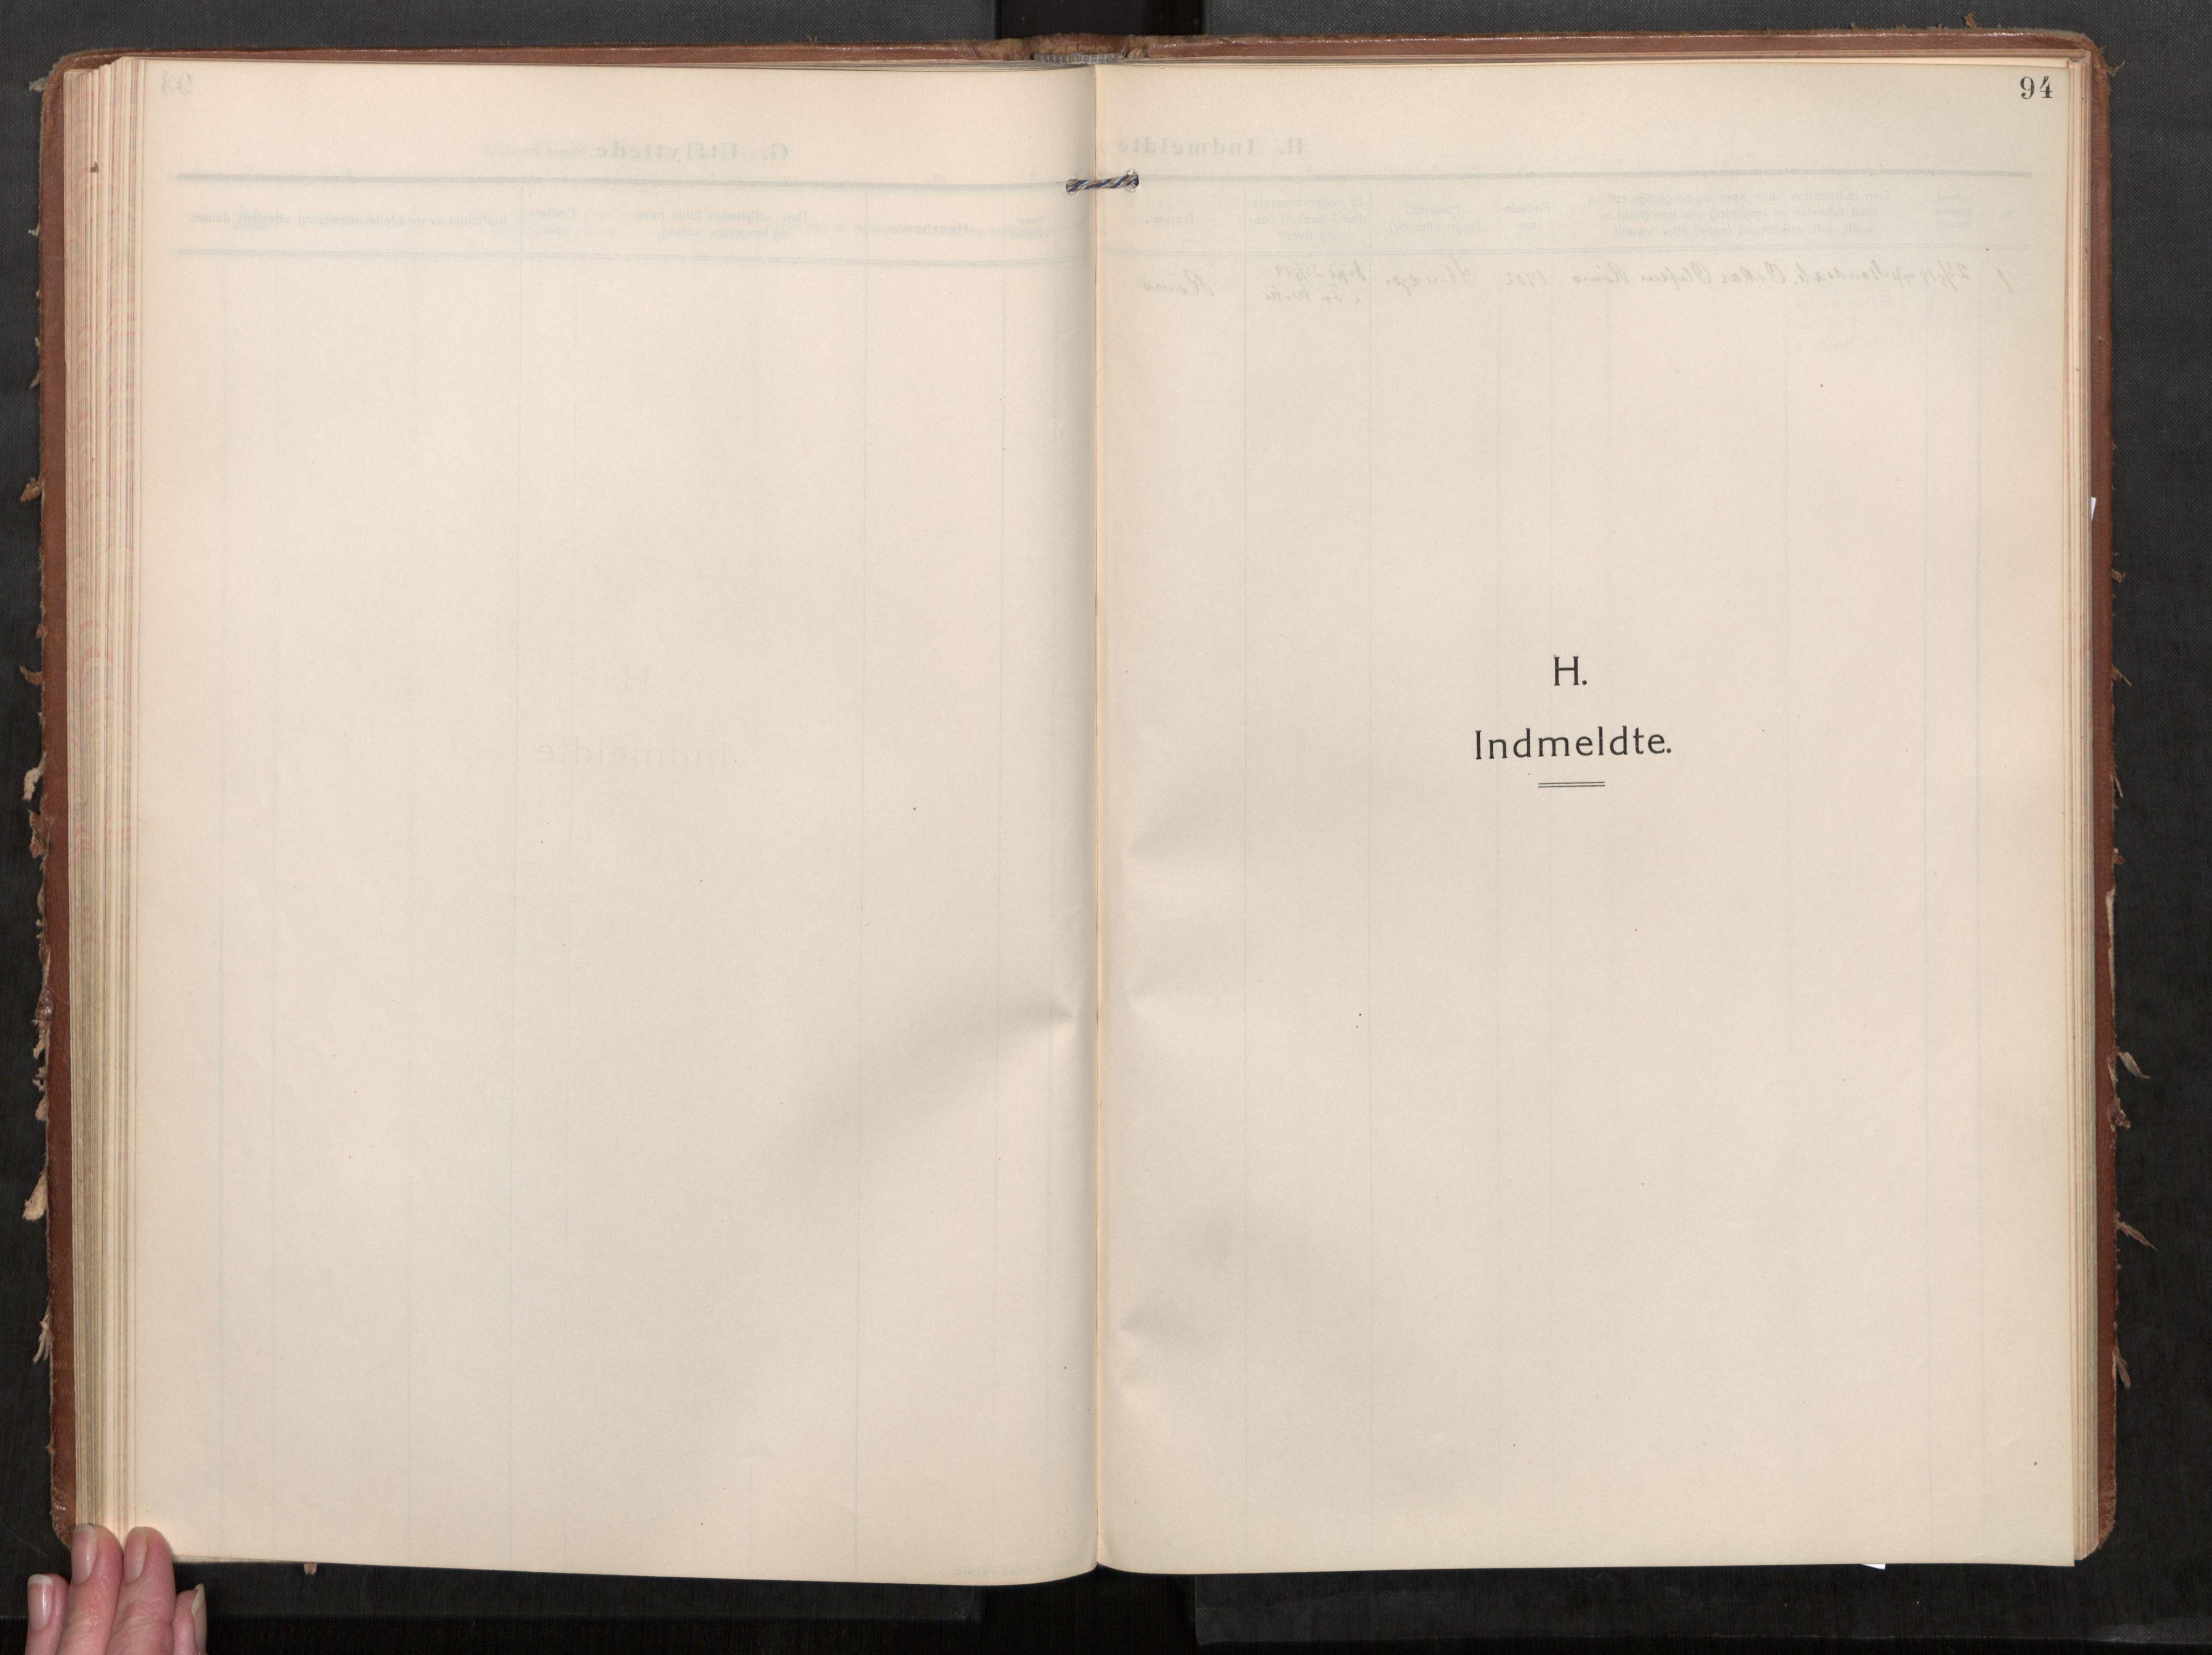 SAT, Stod sokneprestkontor, I/I1/I1a/L0002: Parish register (official) no. 2, 1909-1922, p. 94